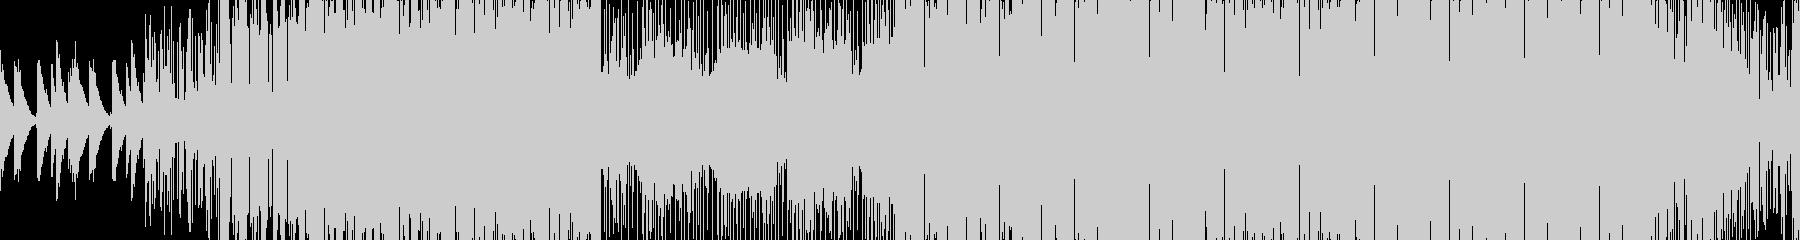 都会的なローファイヒップホップ■ループ可の未再生の波形